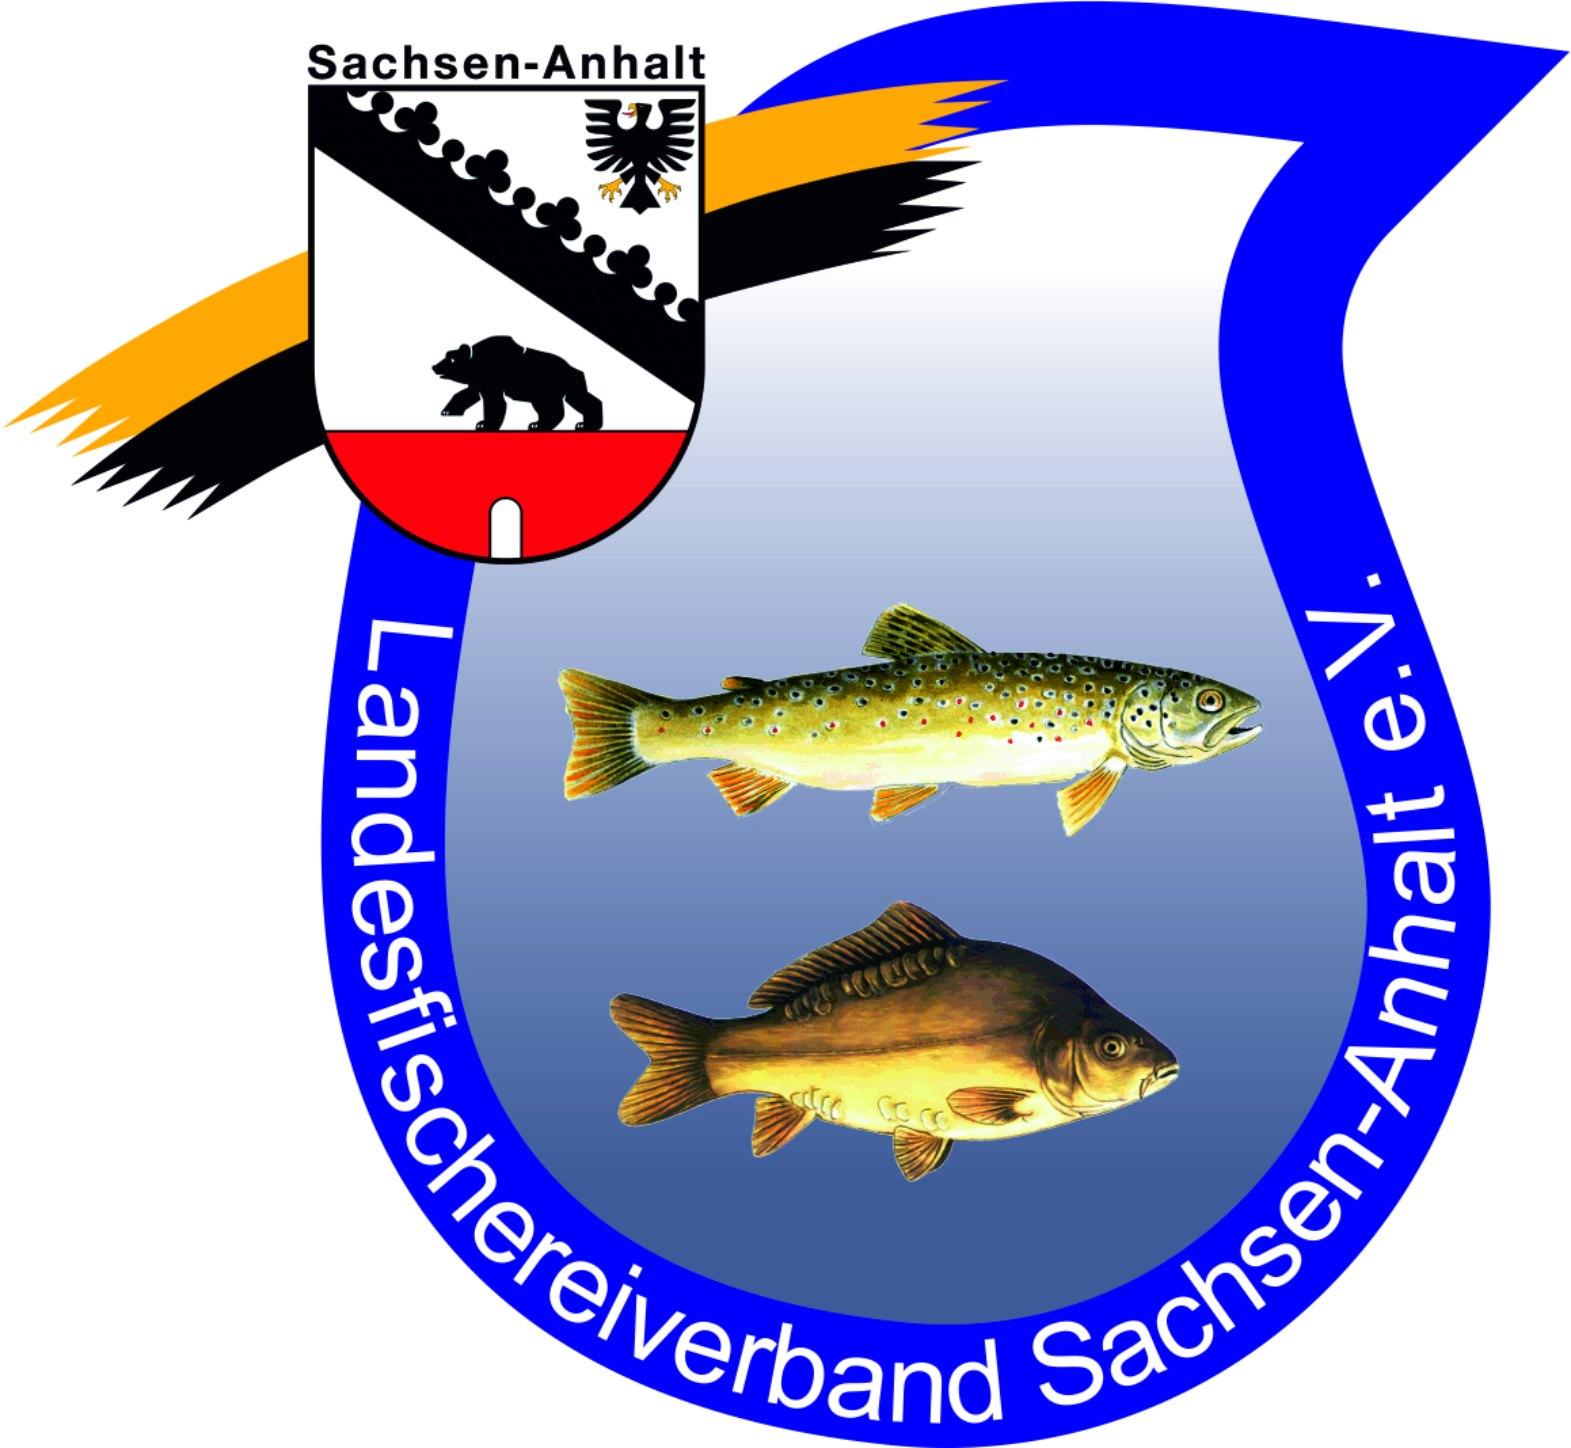 Landesfischereiverband Sachsen Anhalt e.V.